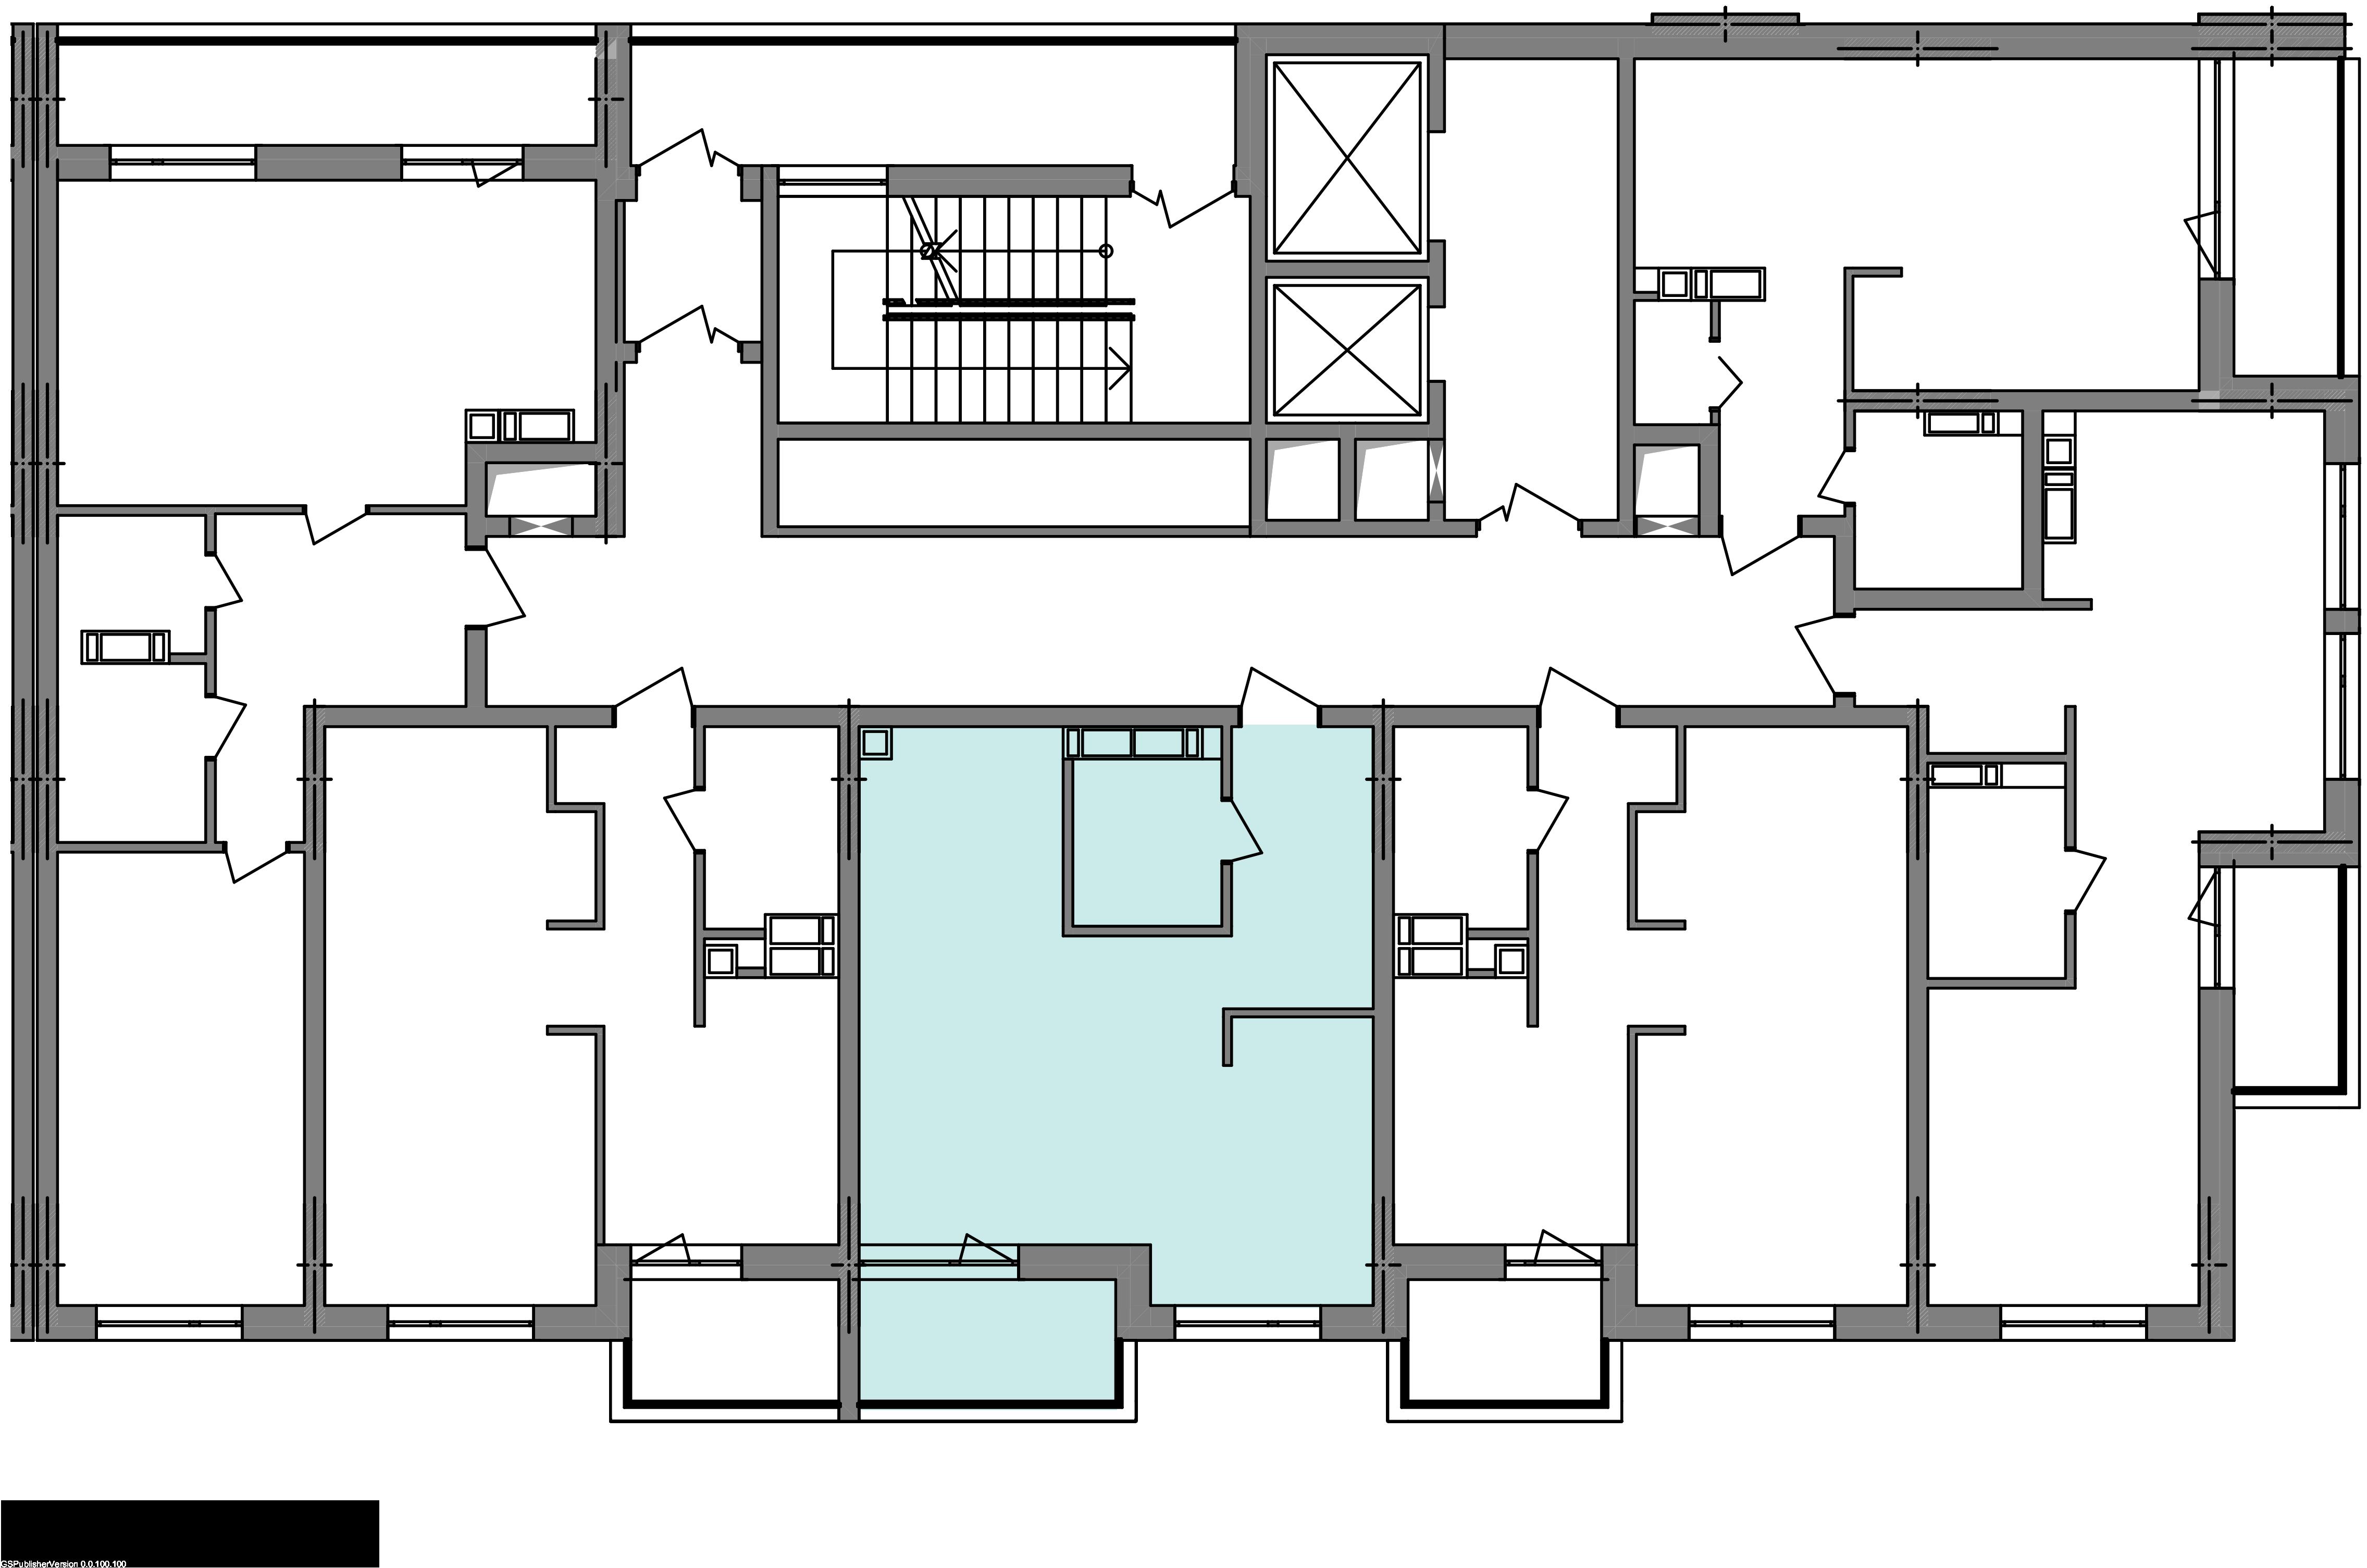 Однокомнатная квартира 41,13 кв.м., тип 1.4, дом 3 секция 3 расположение на этаже